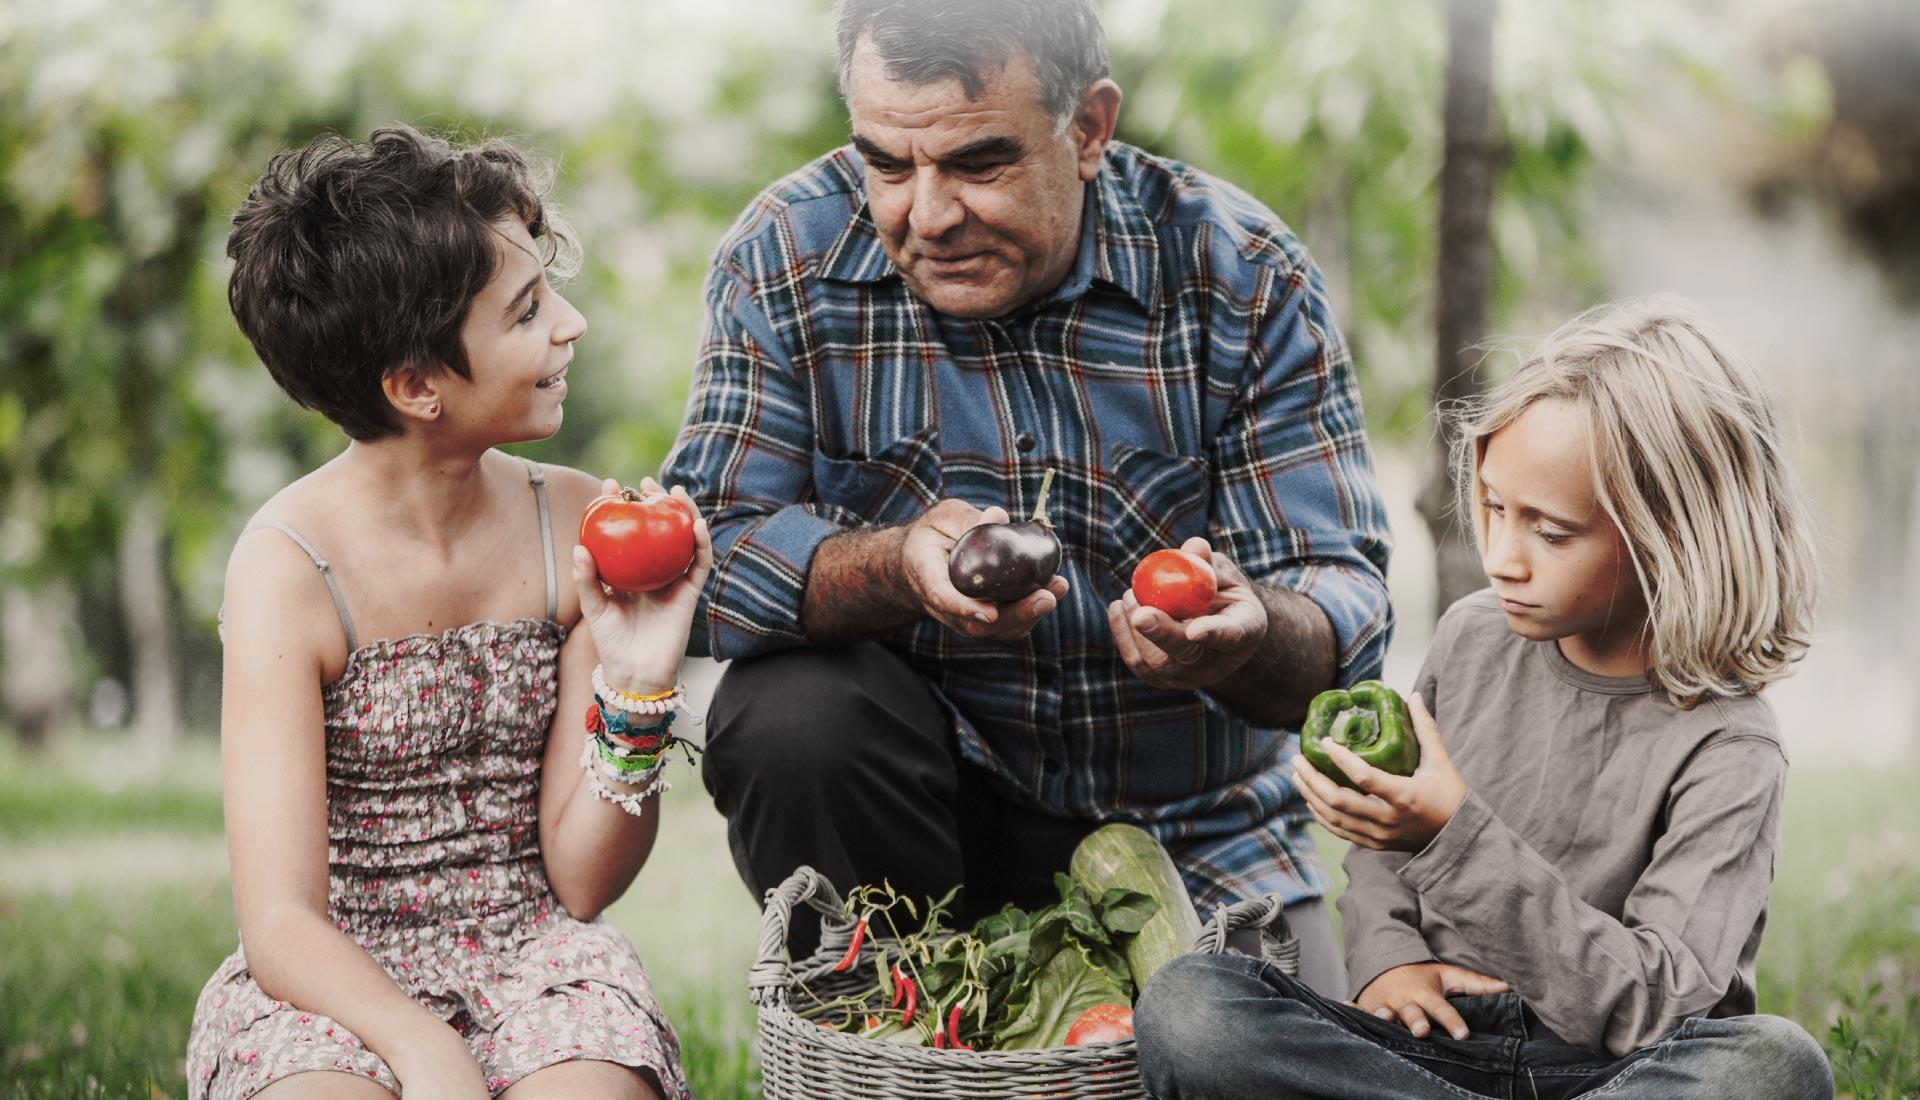 grand-père et ses petites-filles choisissent des légumes dans un panier